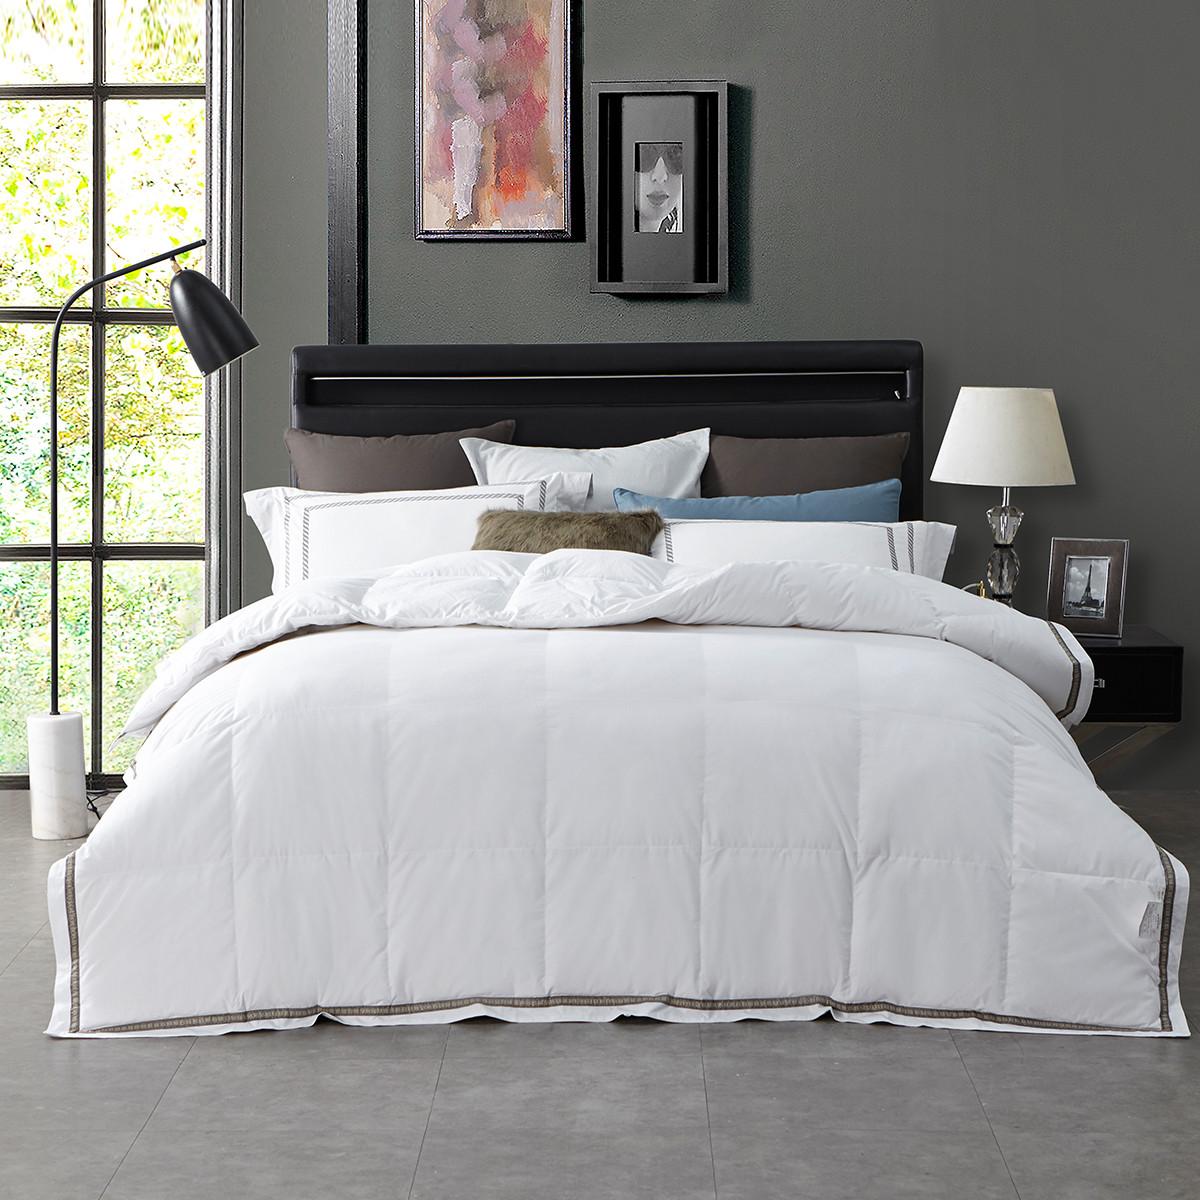 Ramada【年底清仓】全棉加厚保暖被子被芯冬被加厚盖被被芯空调被被子COLOR白色